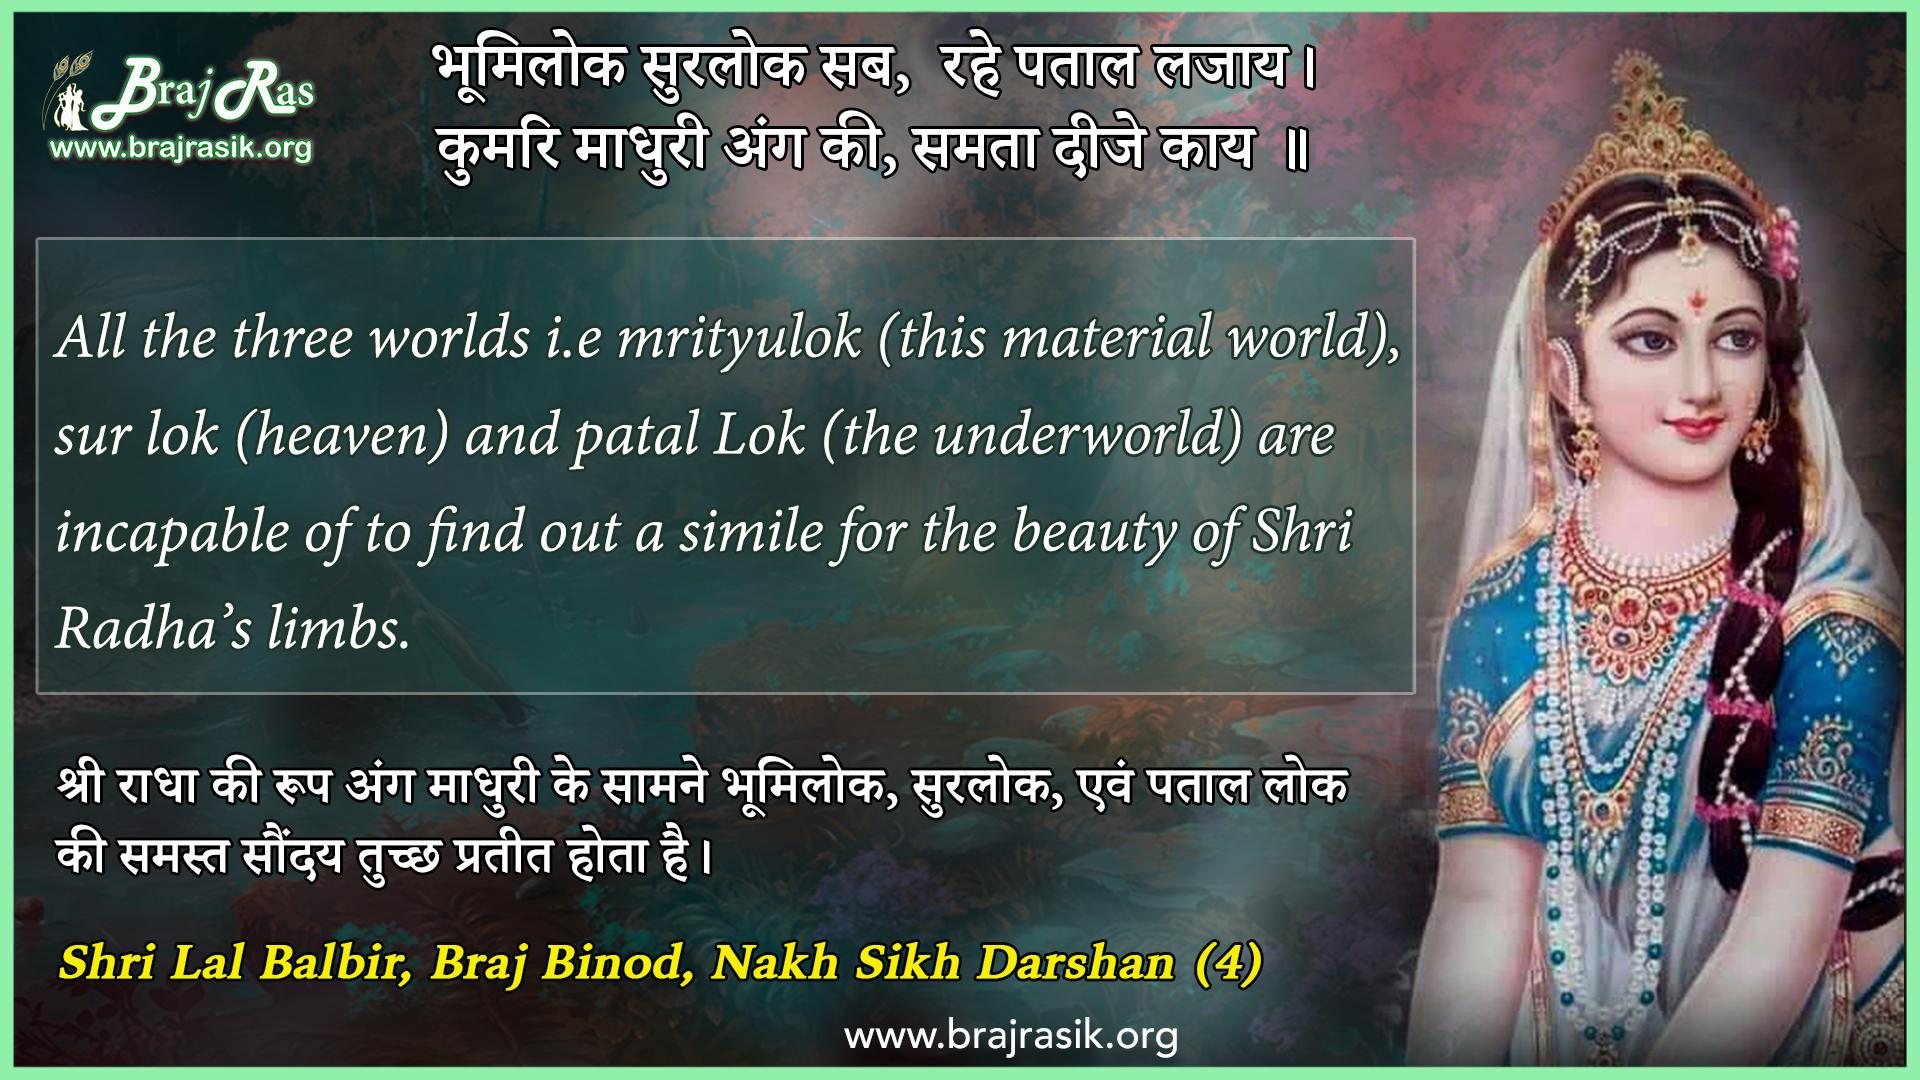 Bhumilok Surlok Sab, Rahe Patal Lajaye - Shri Lal Balbir, Braj Binod